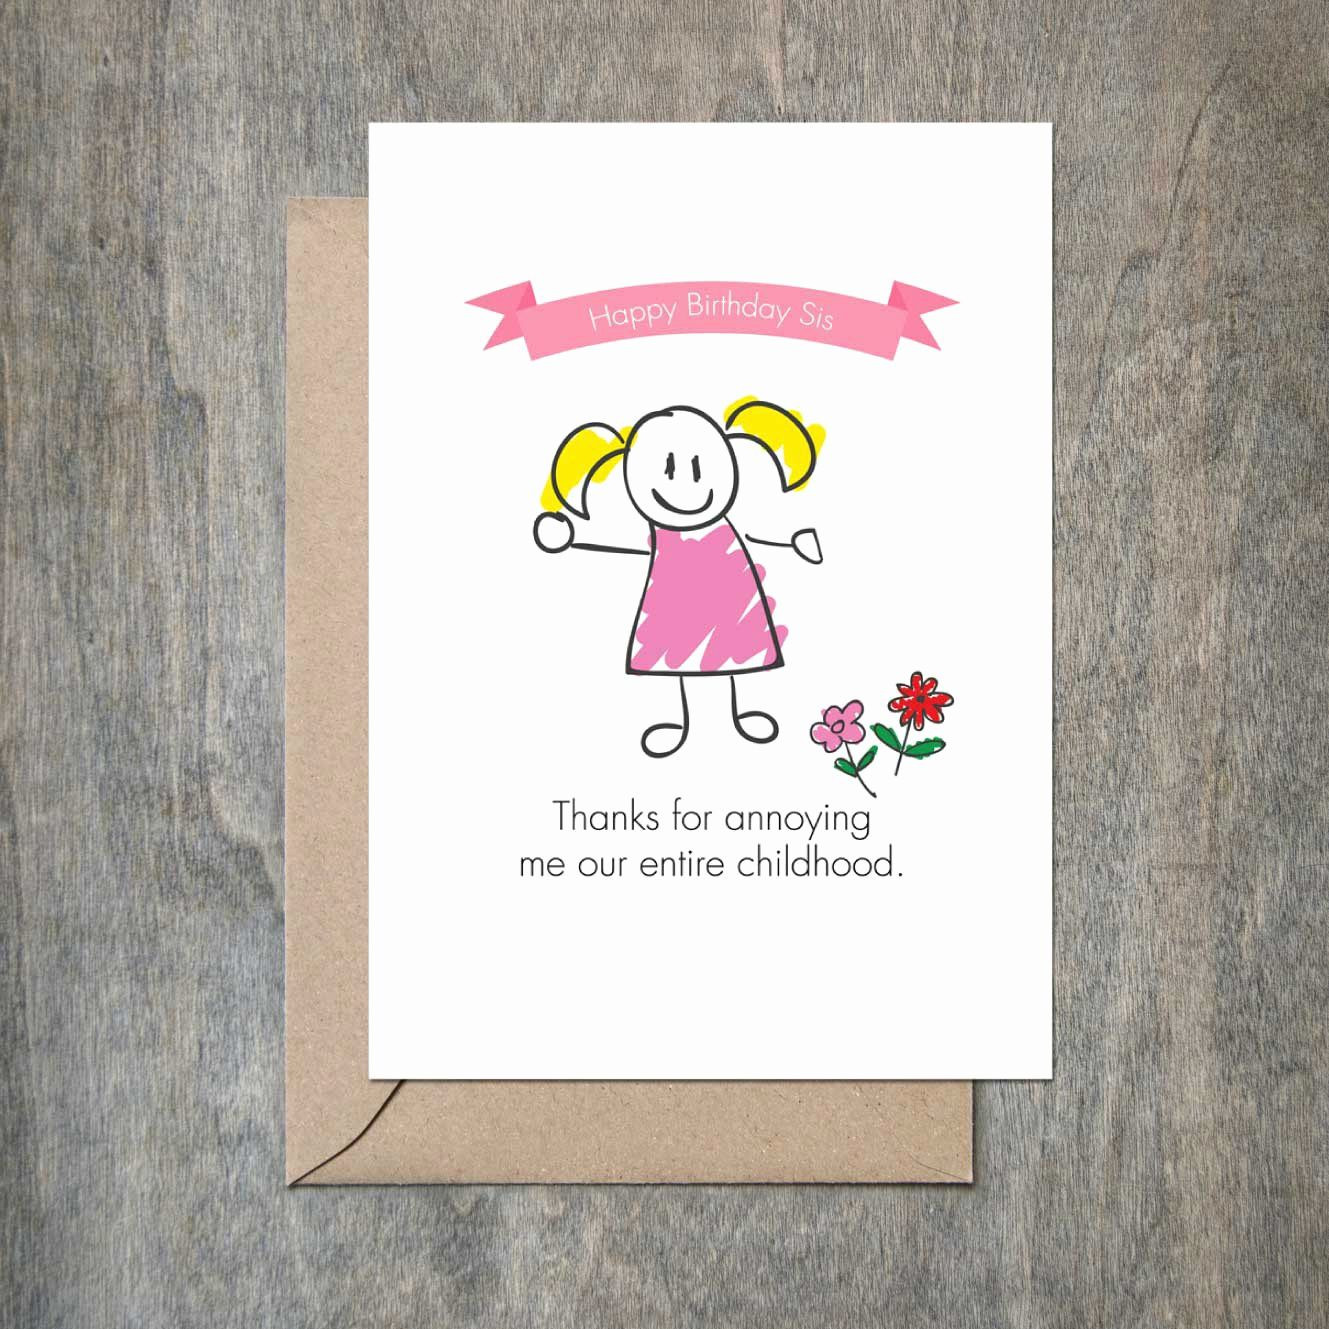 Lustige Geburtstagskarten Für Frauen Kostenlos  Lustige Geburtstagskarten Zum Ausdrucken Kostenlos Für